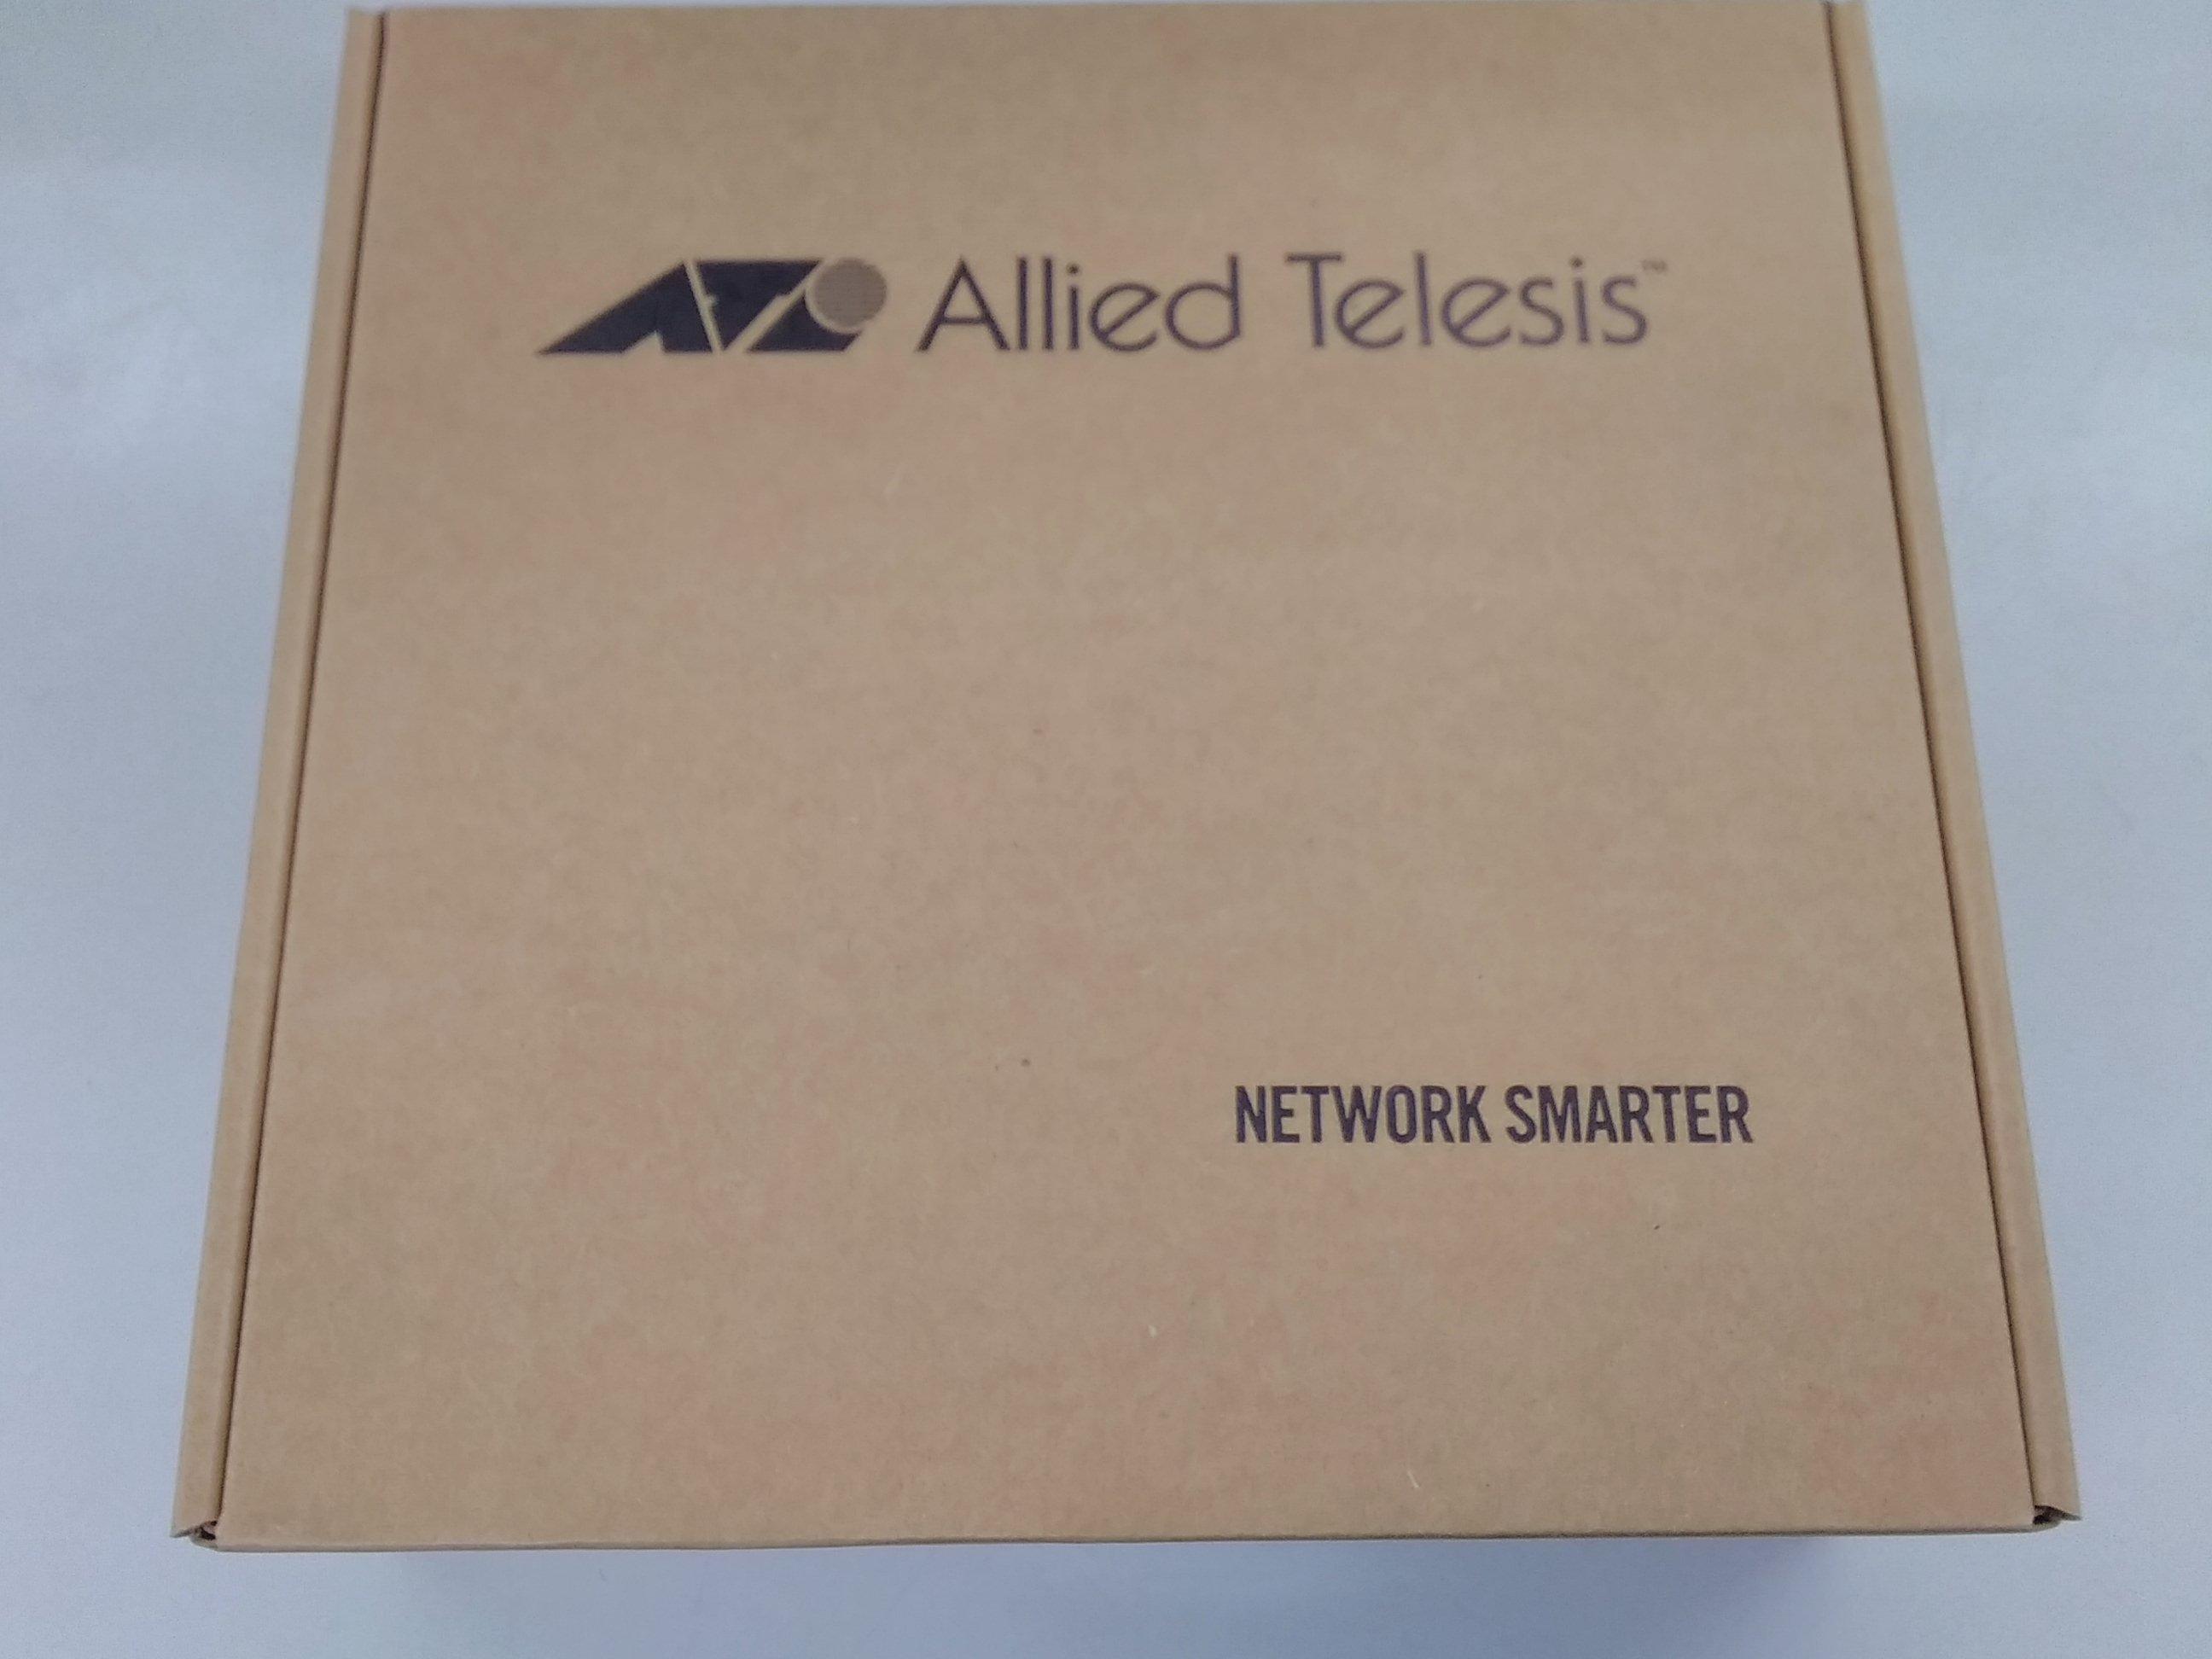 無線LANアクセスポイント|アライドテレシス